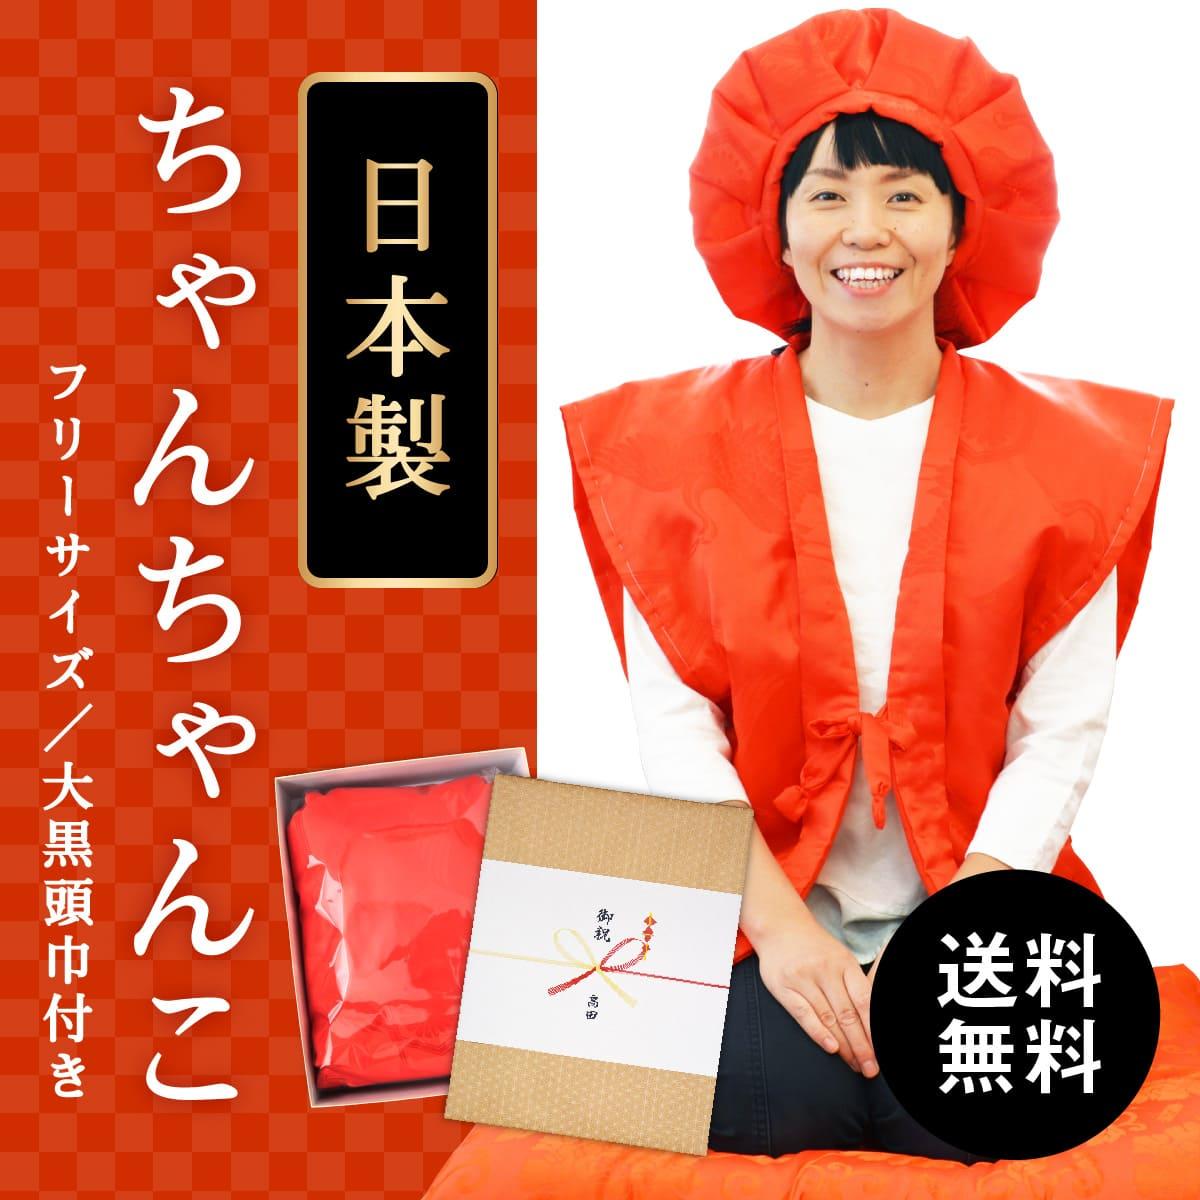 還暦祝いに赤いちゃんちゃんこ(鶴亀甲柄)(日本製/フリーサイズ)